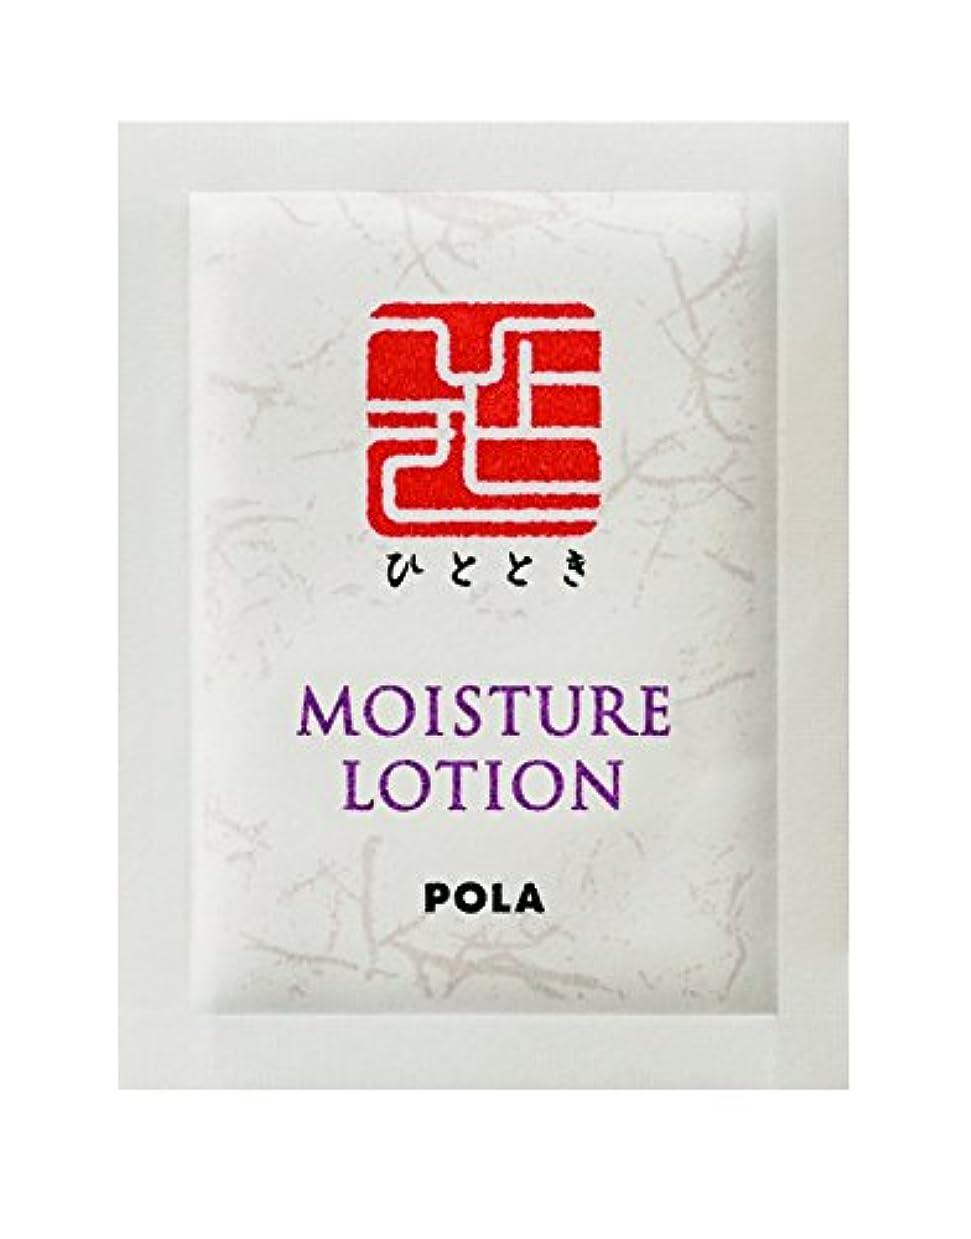 車泣く嵐が丘POLA ひととき モイスチャーローション 化粧水 個包装タイプ 2mL×100包